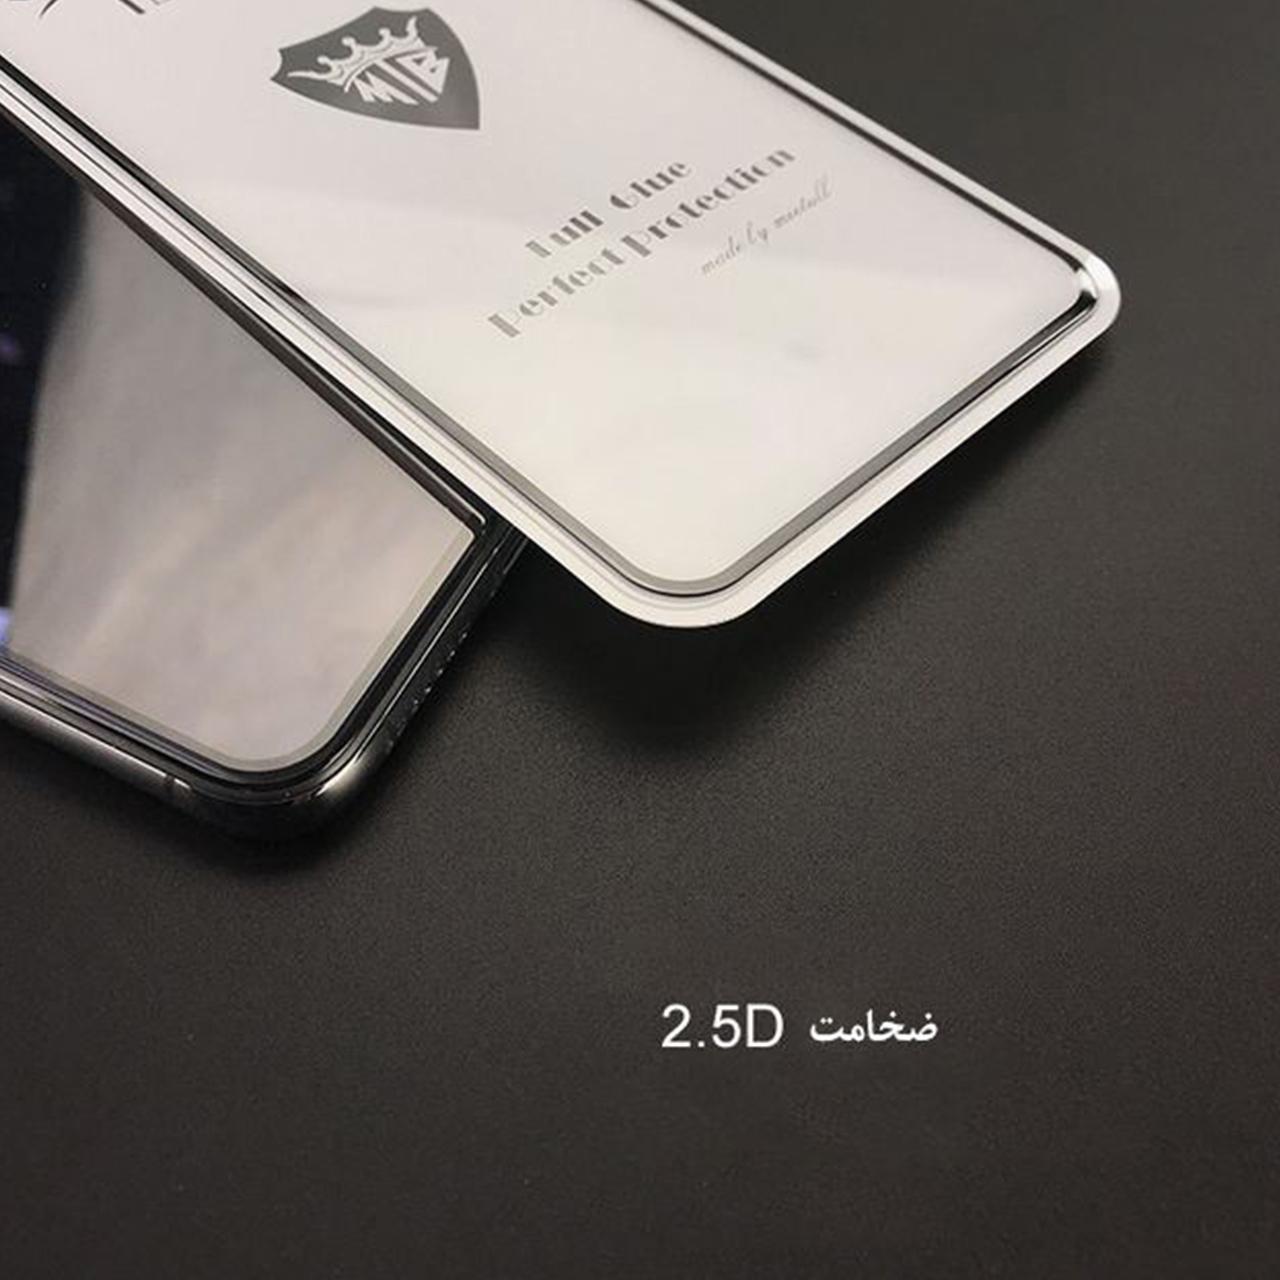 کاور راین مدل R_ATOG مناسب برای گوشی موبایل شیائومی Redmi Note 9s به همراه محافظ صفحه نمایش thumb 2 11